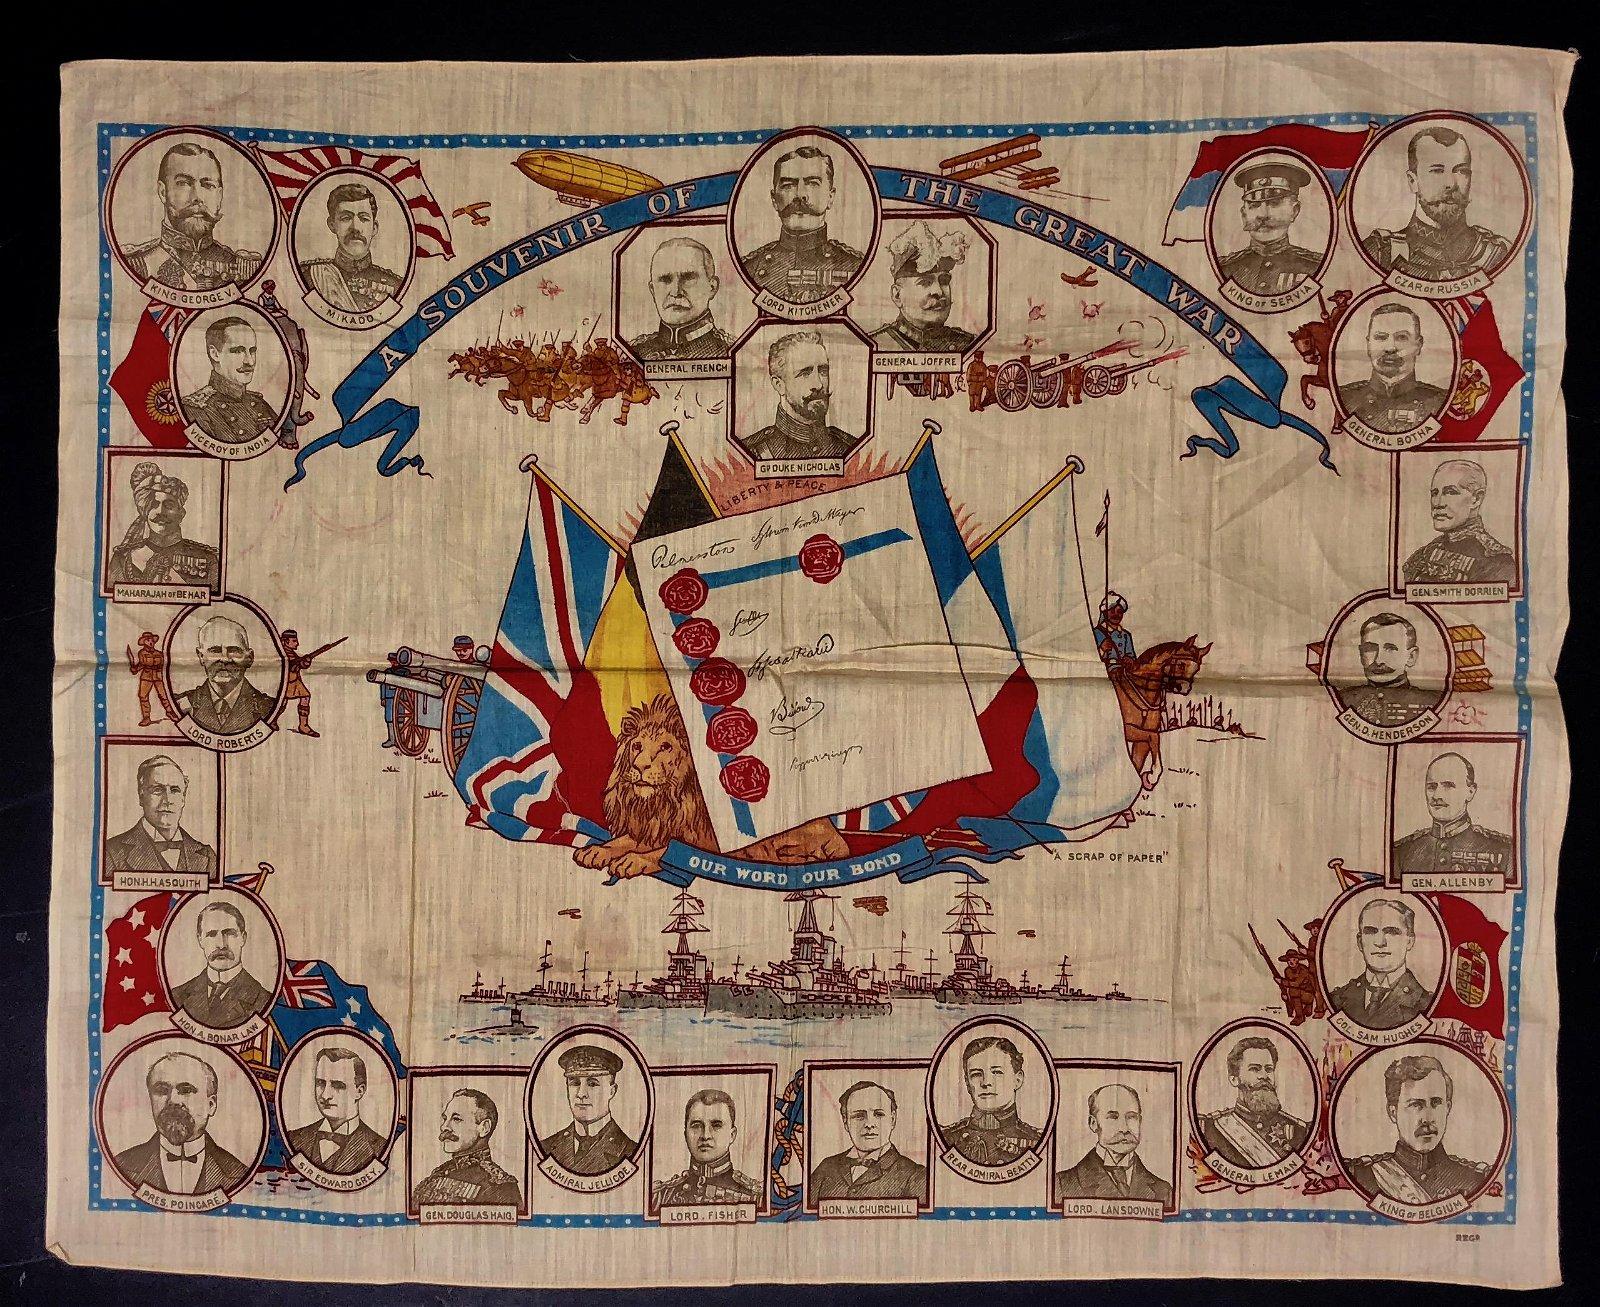 WW1 Souvenir Of The Great War Silk Scarf c.1915